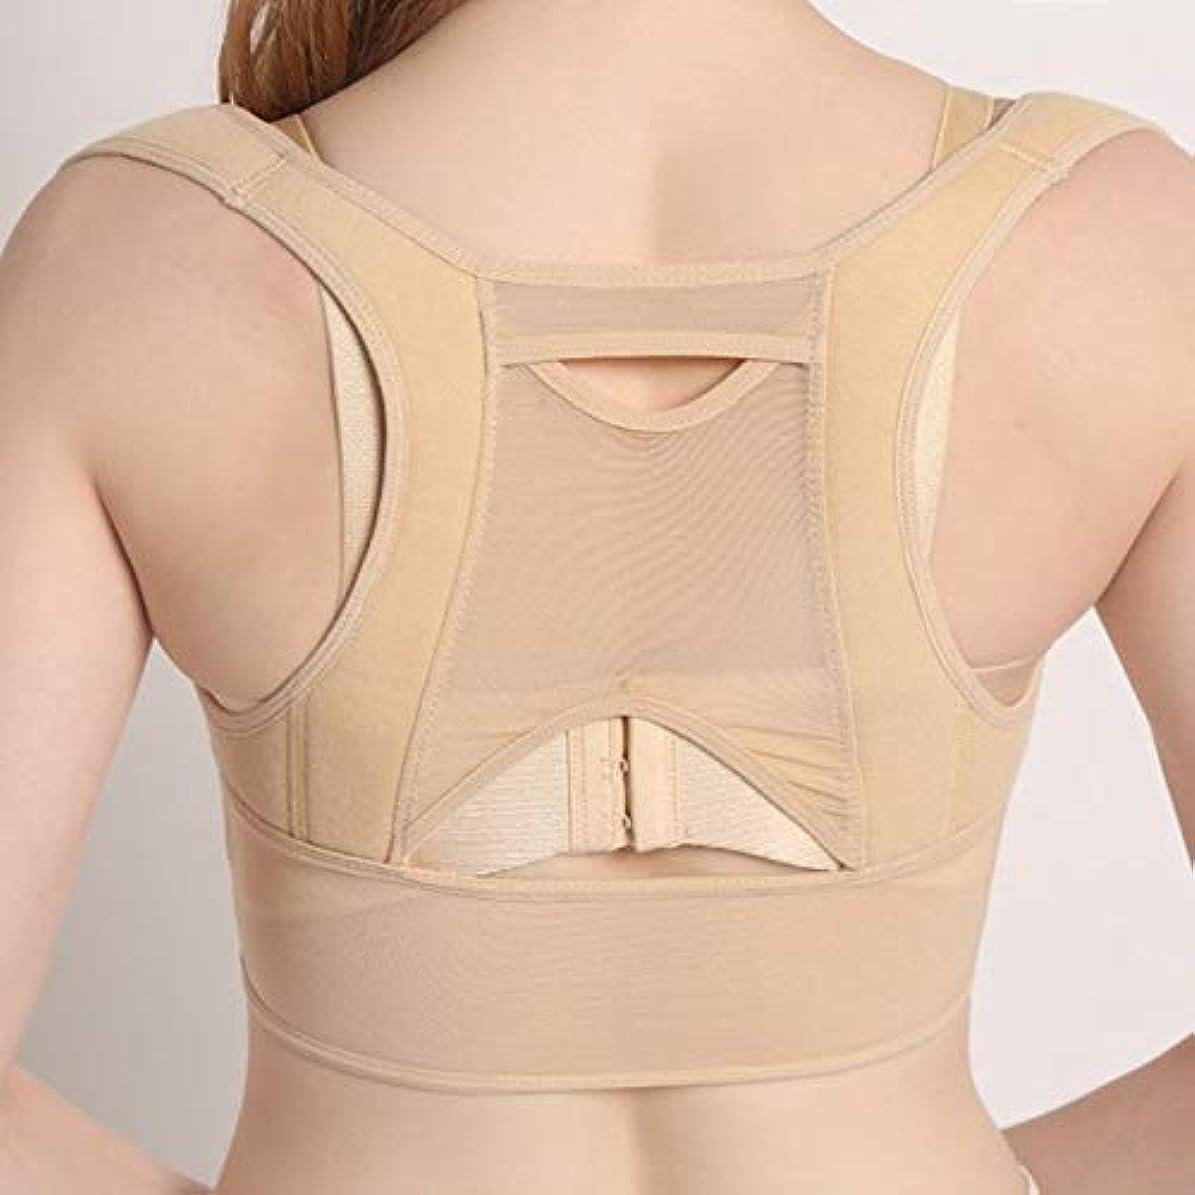 晩餐貨物なぞらえる通気性のある女性の背中の姿勢矯正コルセット整形外科の肩の背骨の姿勢矯正腰椎サポート - ベージュホワイトM